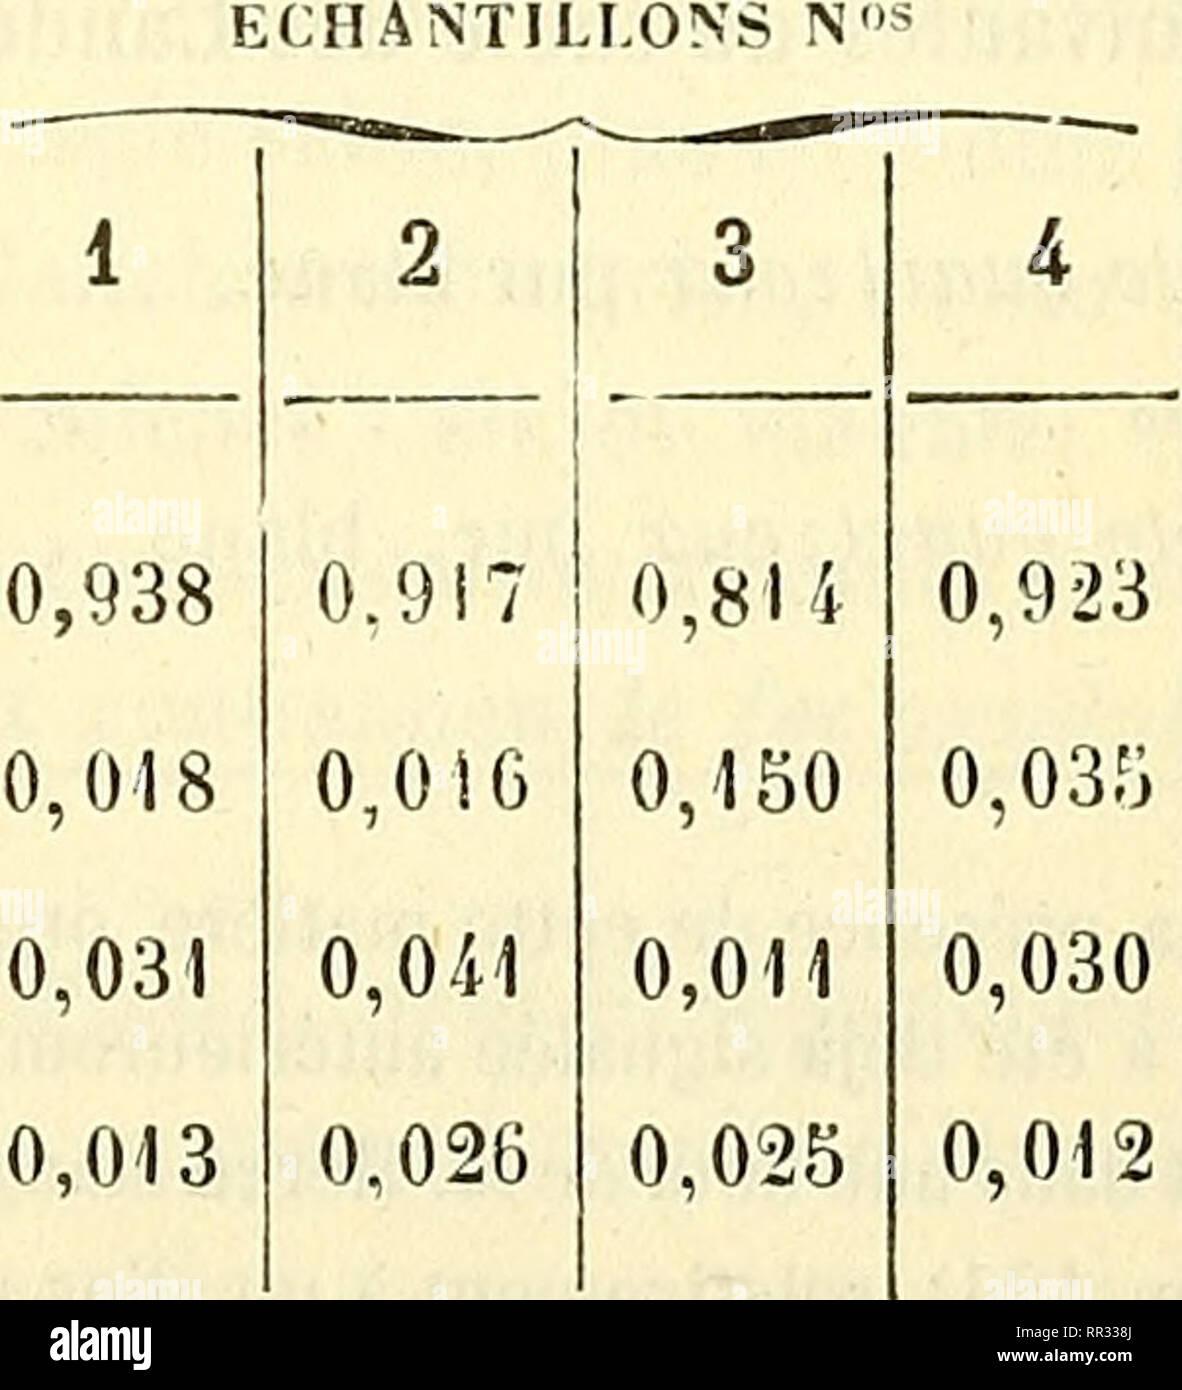 . Actes de la Société linnéenne de Bordeaux. Natural history; Science. ( 393 ) prompteraent et prendre bientôt une assez faible épaisseur, après avoir poussé quelques ramifications dans les graviers qu'il recouvre; ceux-ci, d'abord un peu argileux et blancs, passent graduellement à des alternances de graviers et d'argile micacée plus ou moins sableuse, blanches ou grises veinées de jaune dans le haut, et rouges dans le bas ; puis cette dernière coloration s'étend et finit par envahir toute la masse, sauf quelques larges veines blanches, les unes horizontales, les autres verti- cales, comme si  Stock Photo